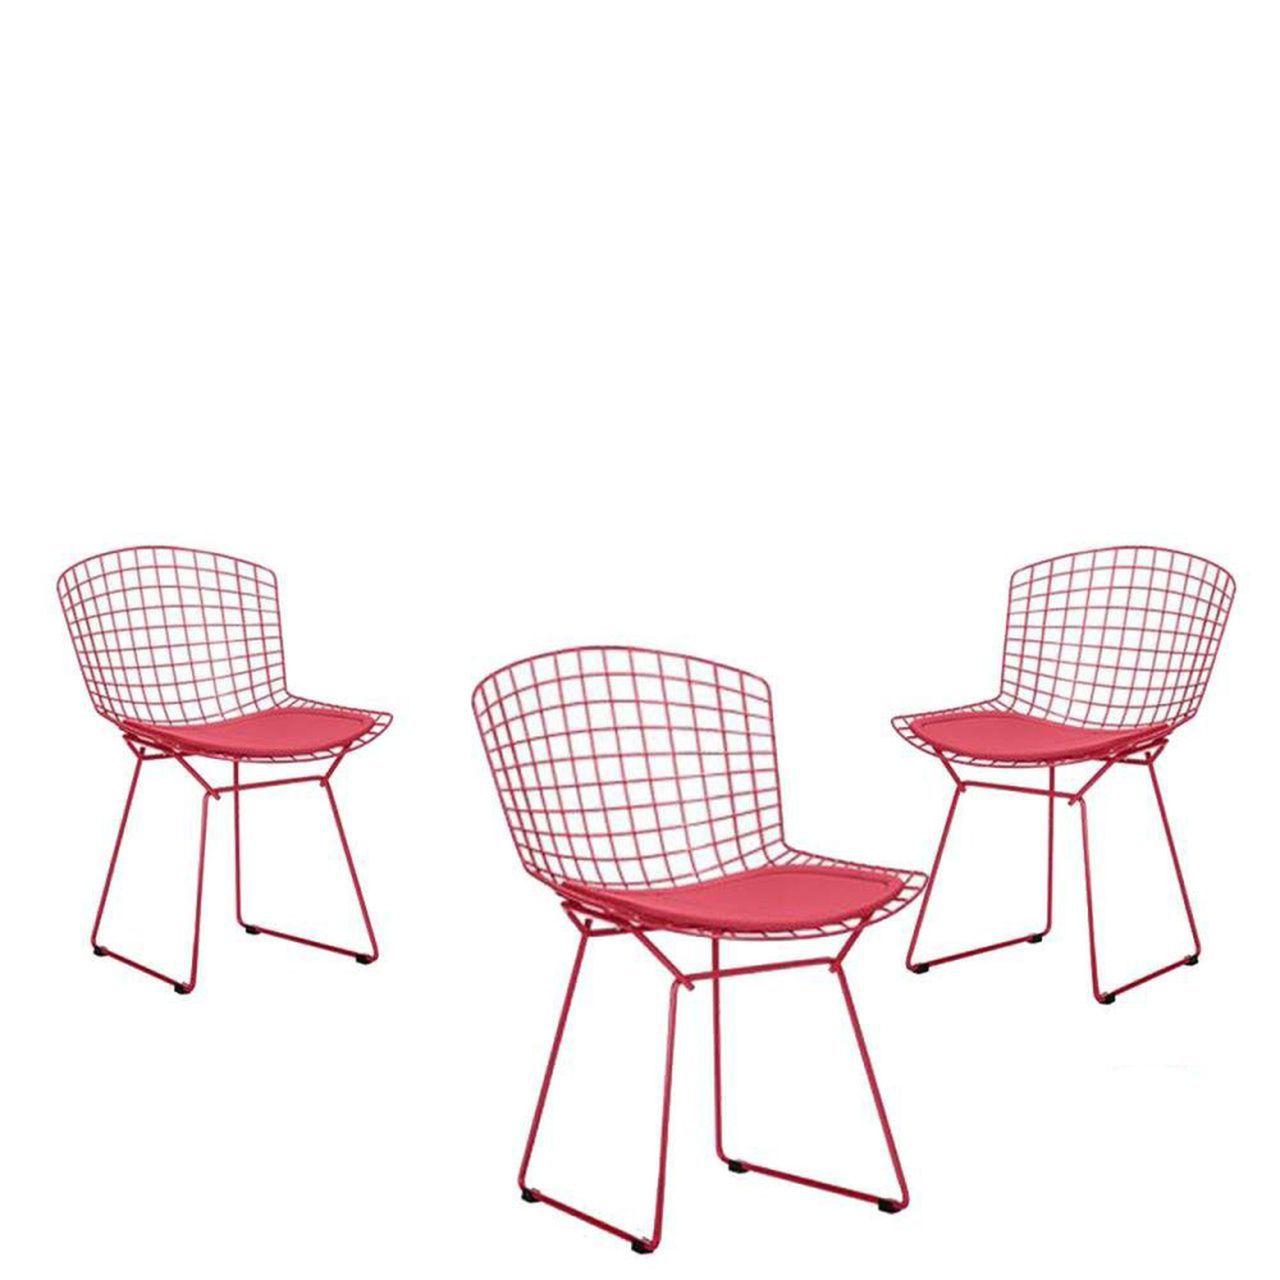 Kit 3x Cadeira Bertoia Pintada